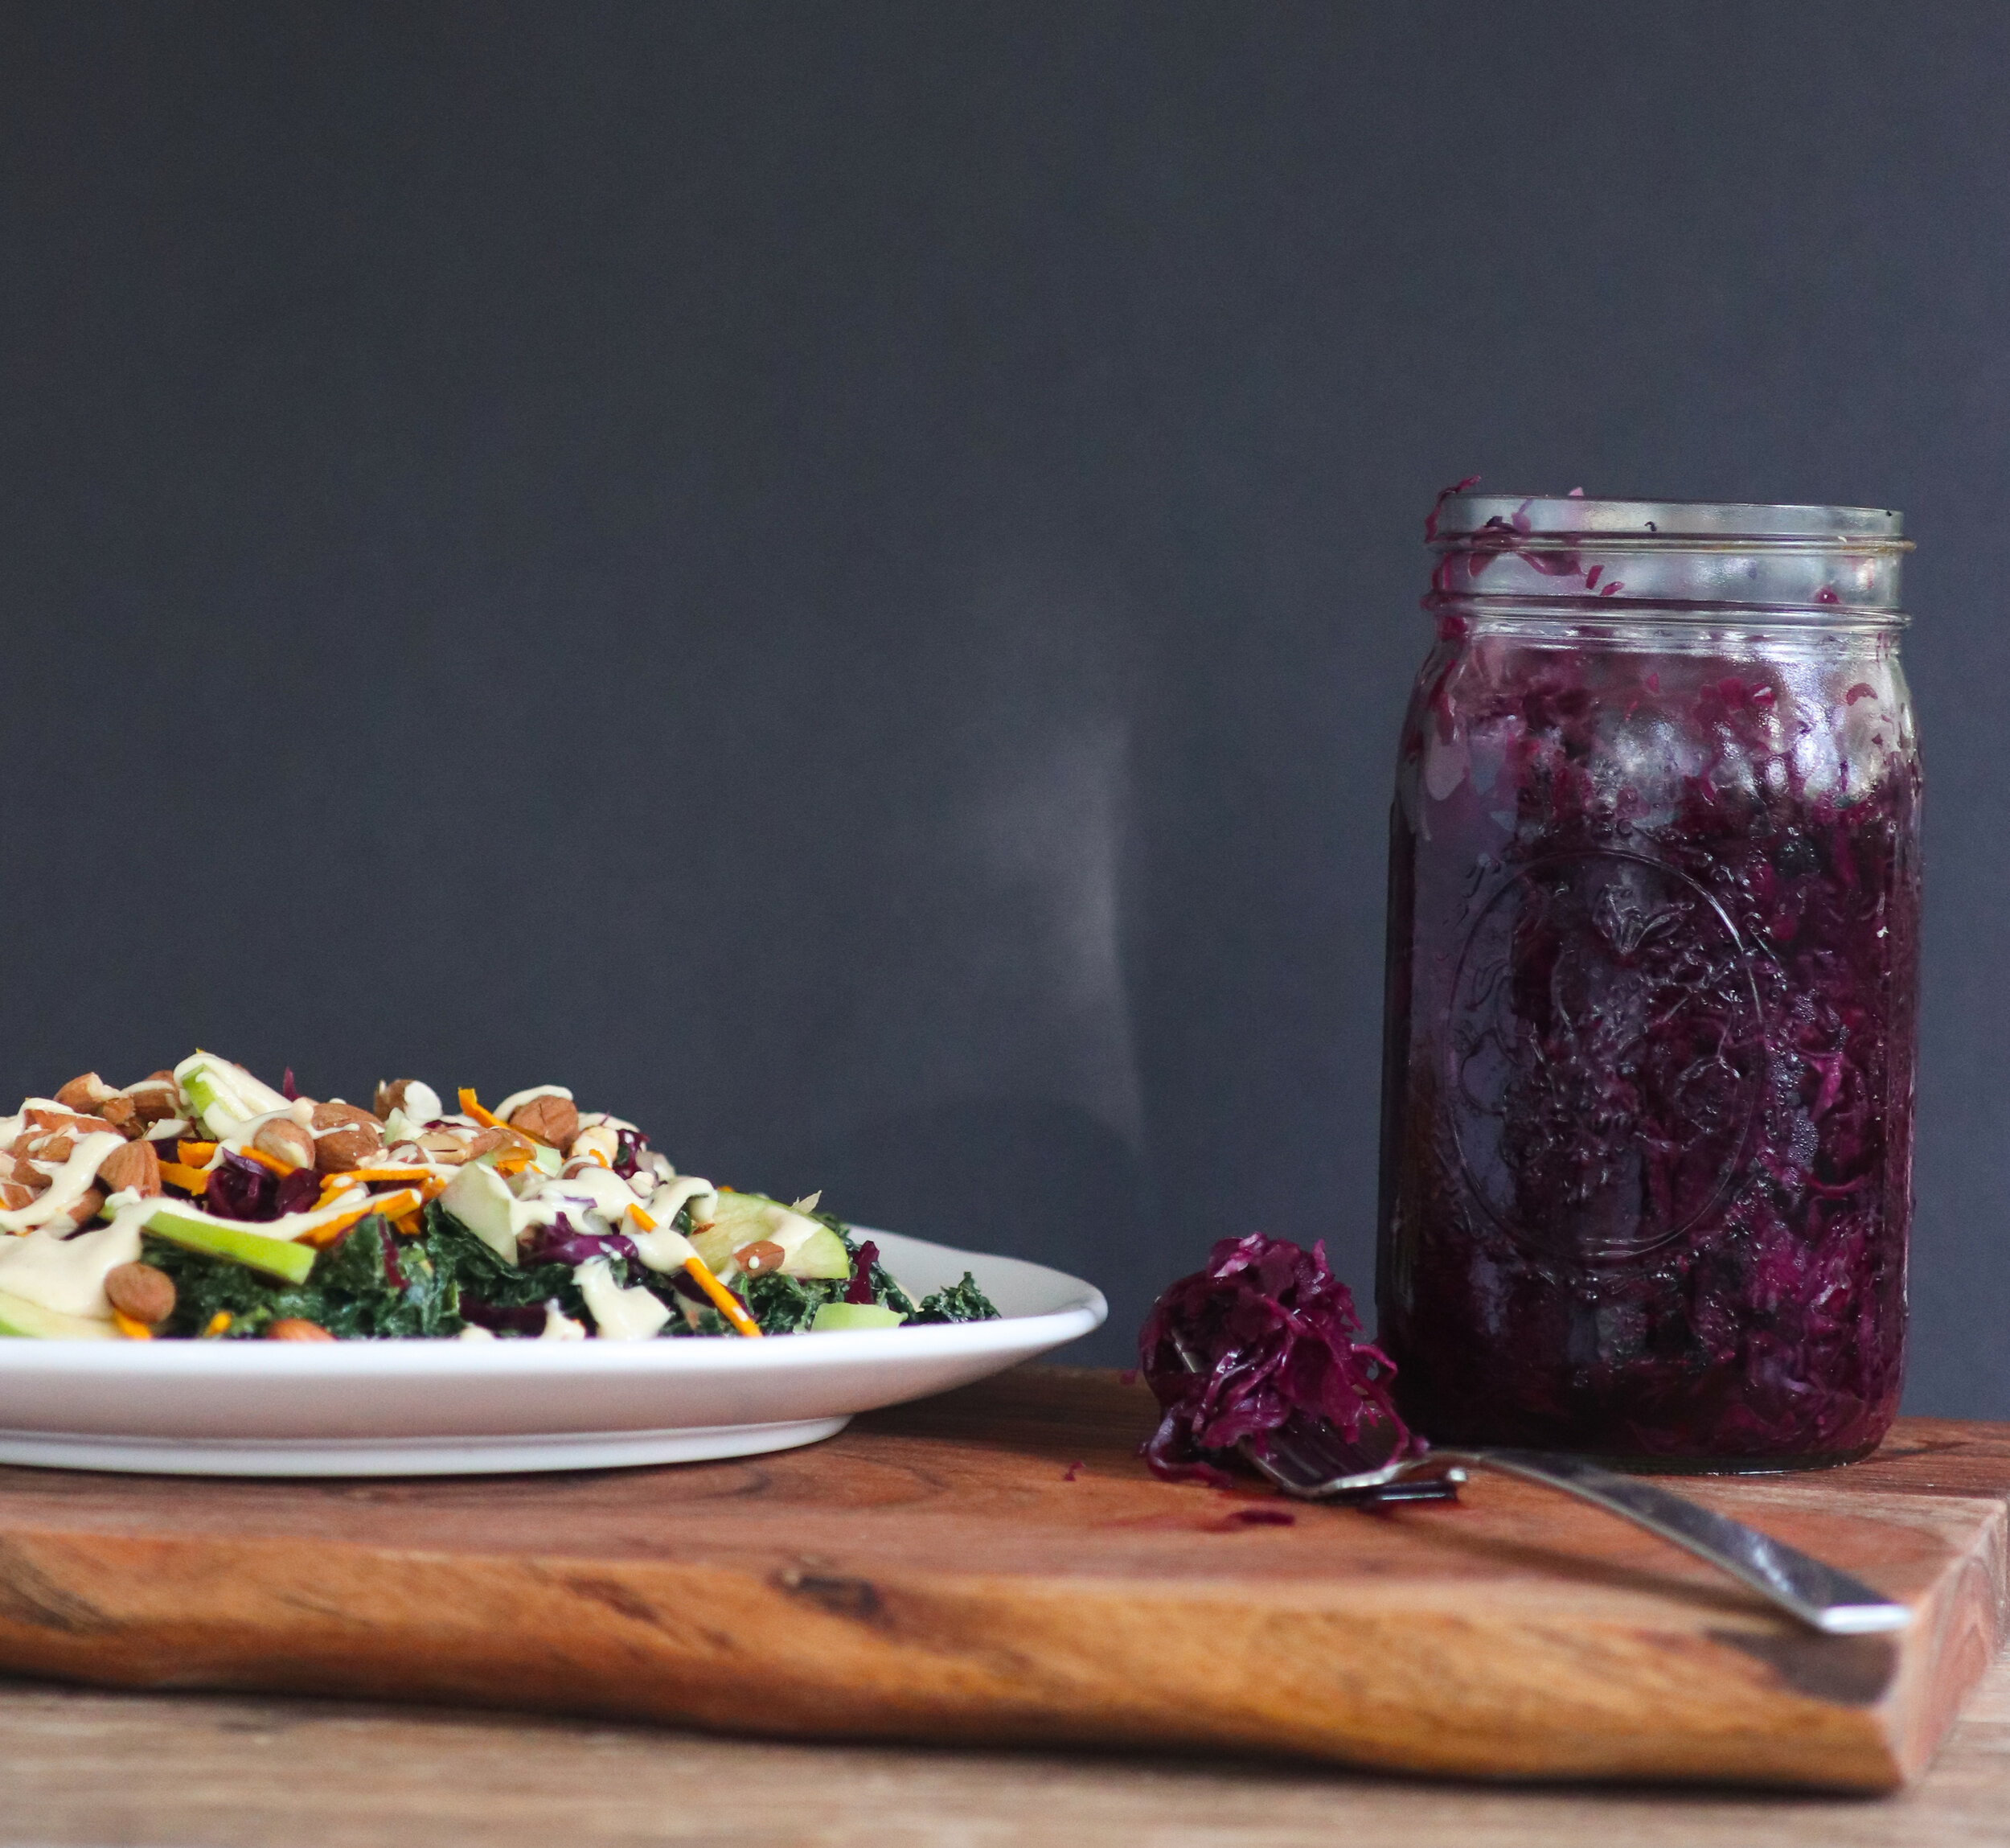 plant based, gluten free, oil free, tahini dressing, turmeric, saurkraut, massaged kale and apple salad.jpg